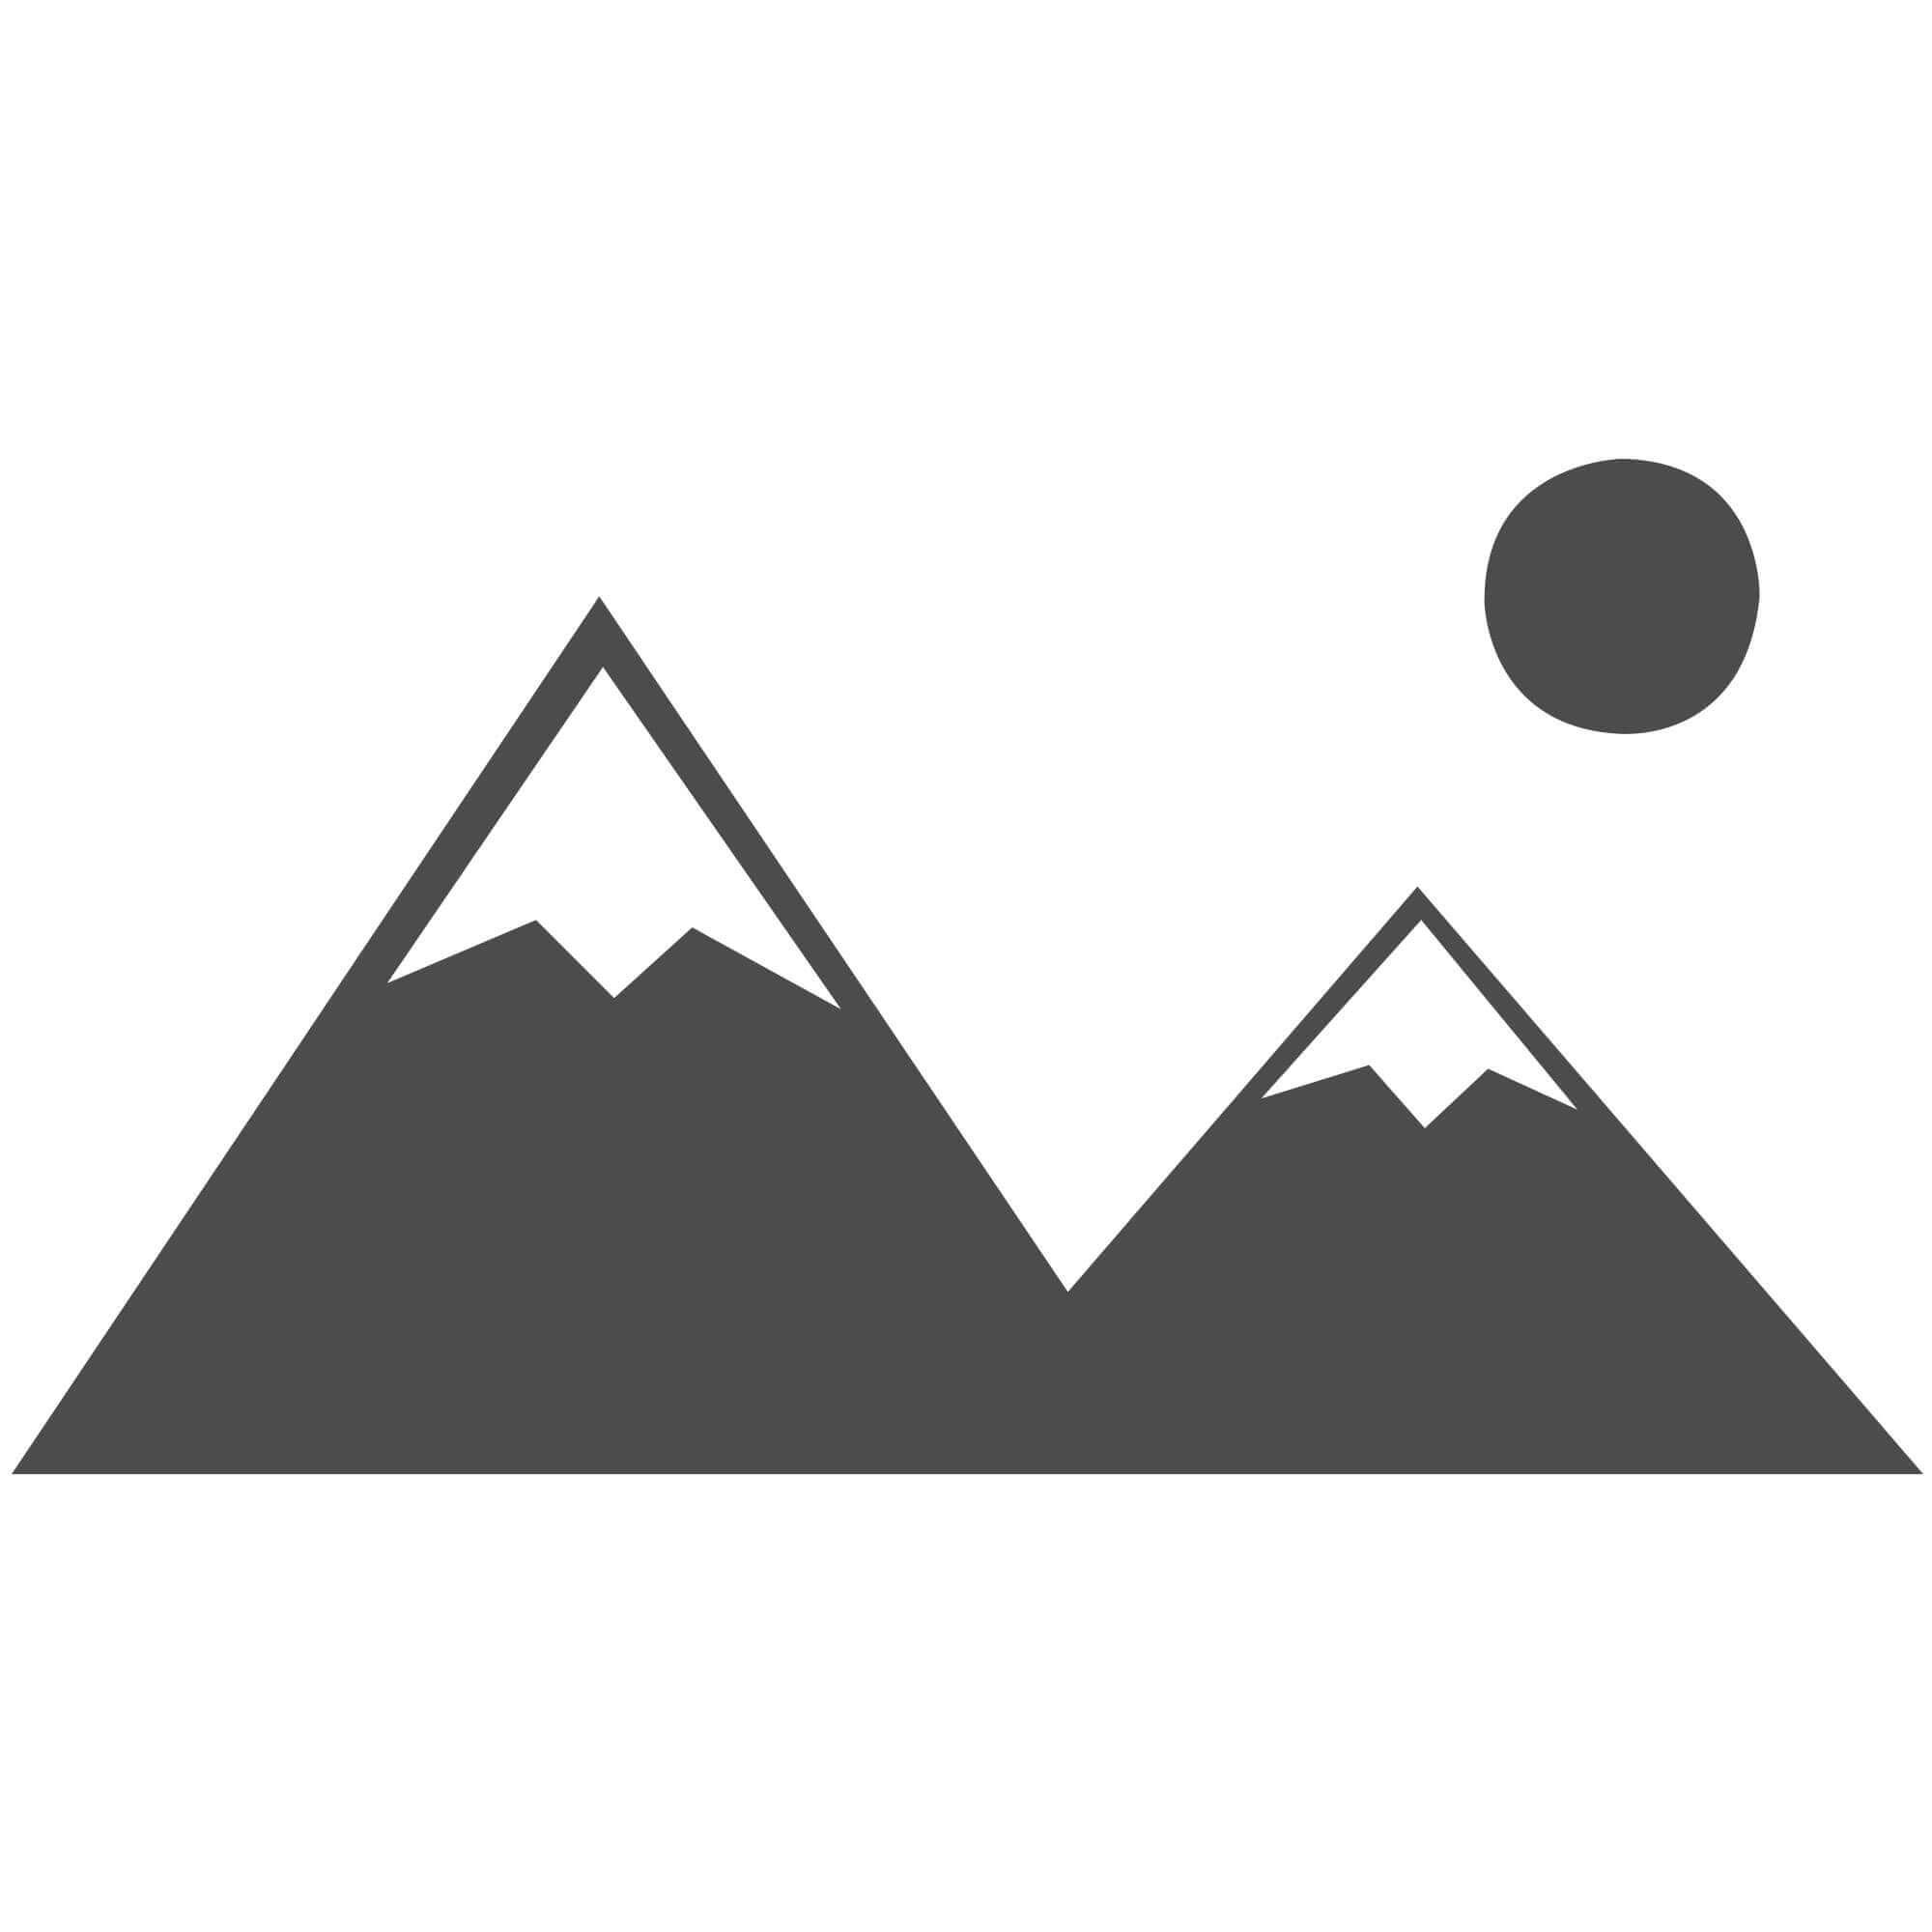 Velvet Shaggy Rug - Ivory - Size Runner 60 x 230 cm